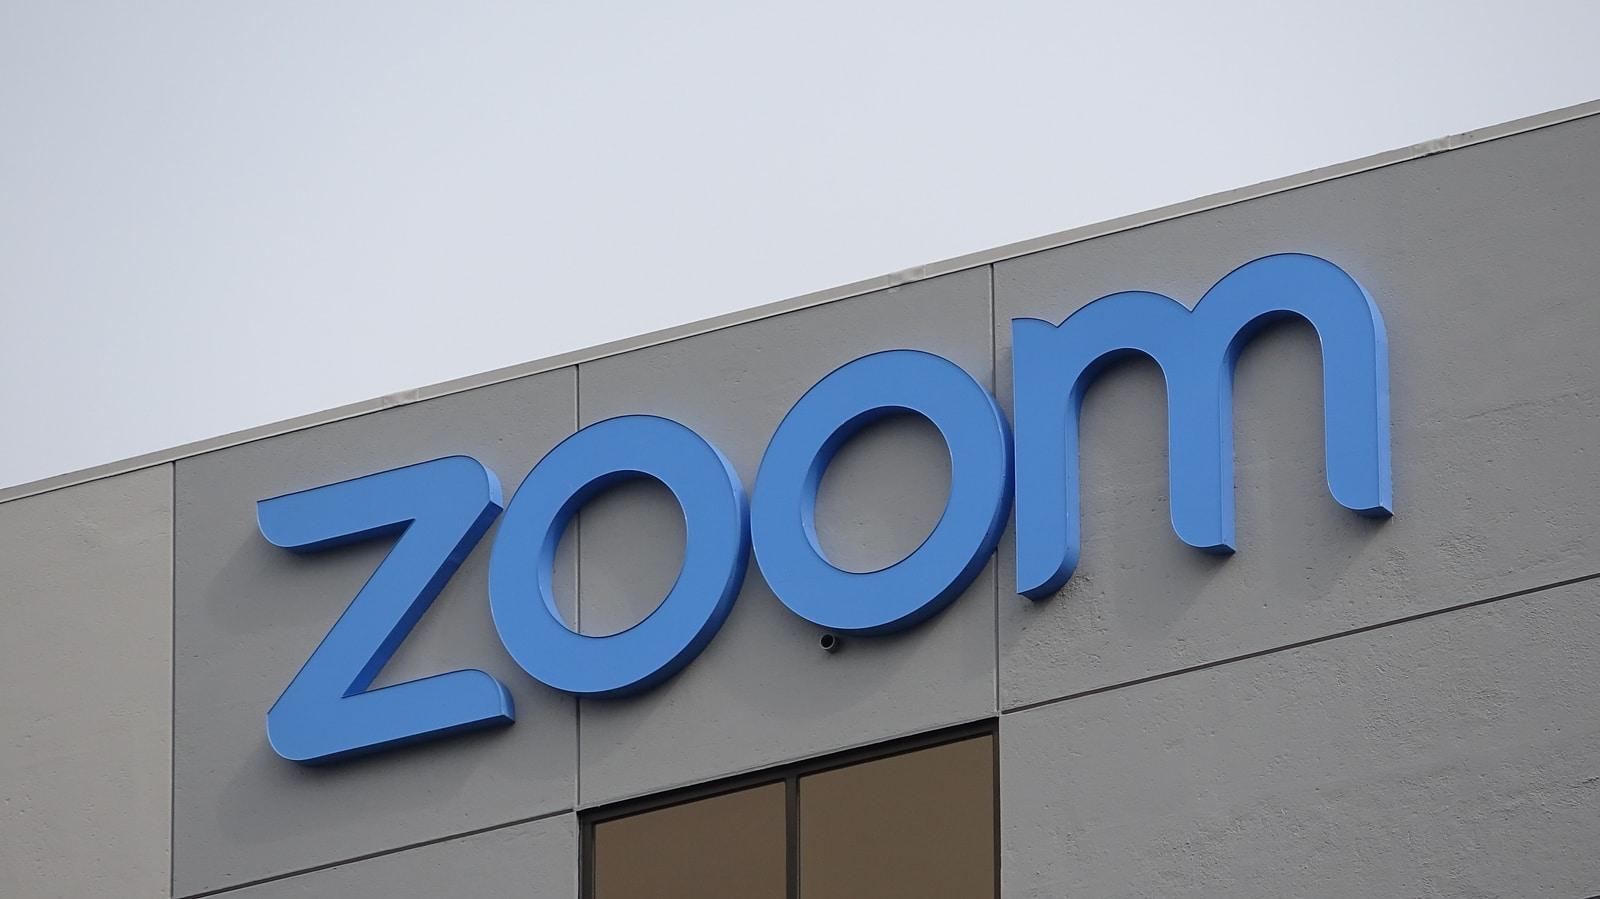 Các cuộc gọi video trên Zoom thực tế không hề được mã hoá đầu cuối